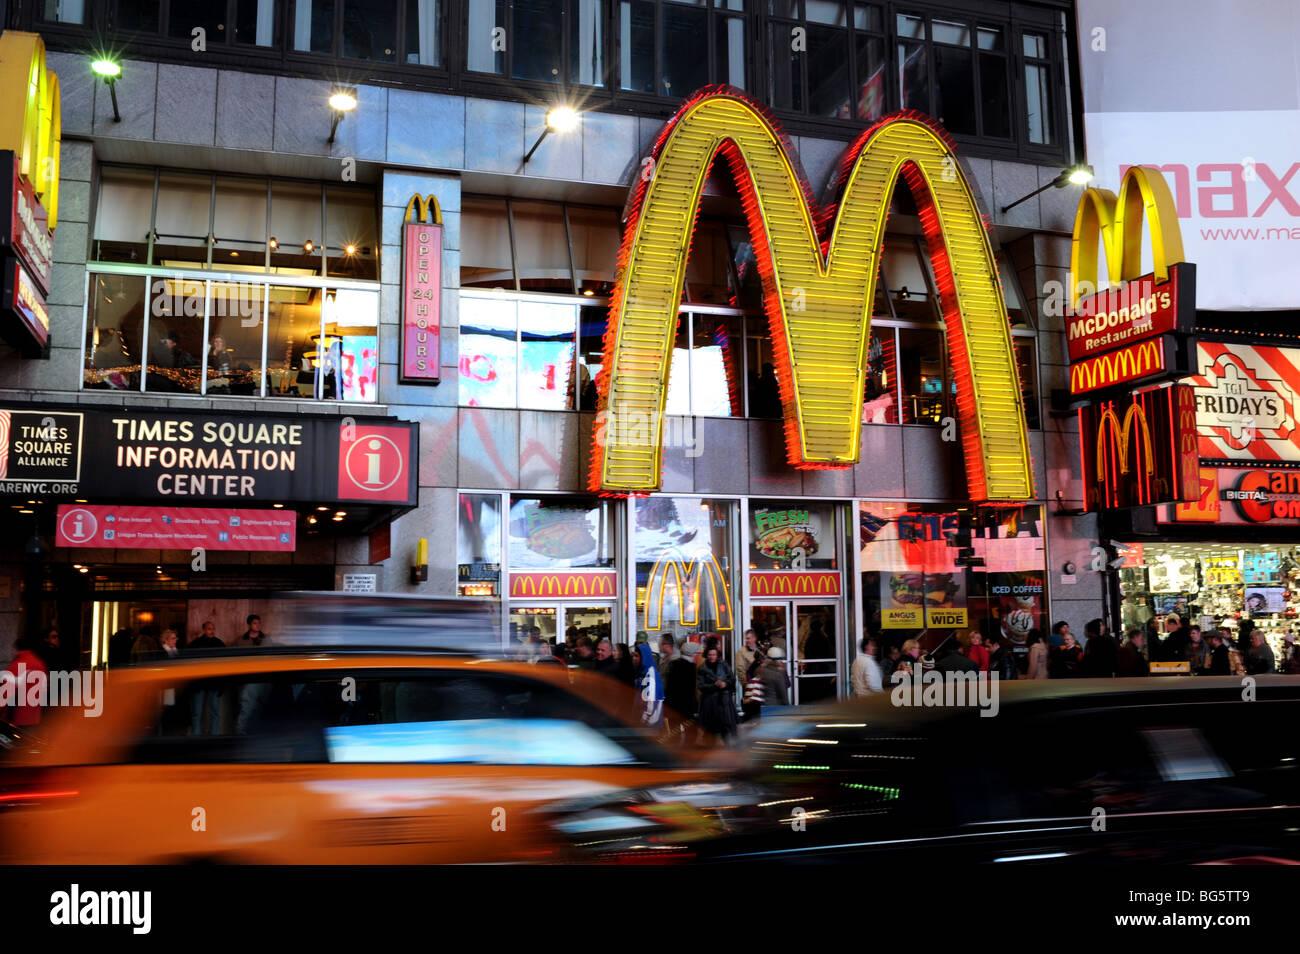 Restaurante McDonald's enorme cartel de neón en la plaza